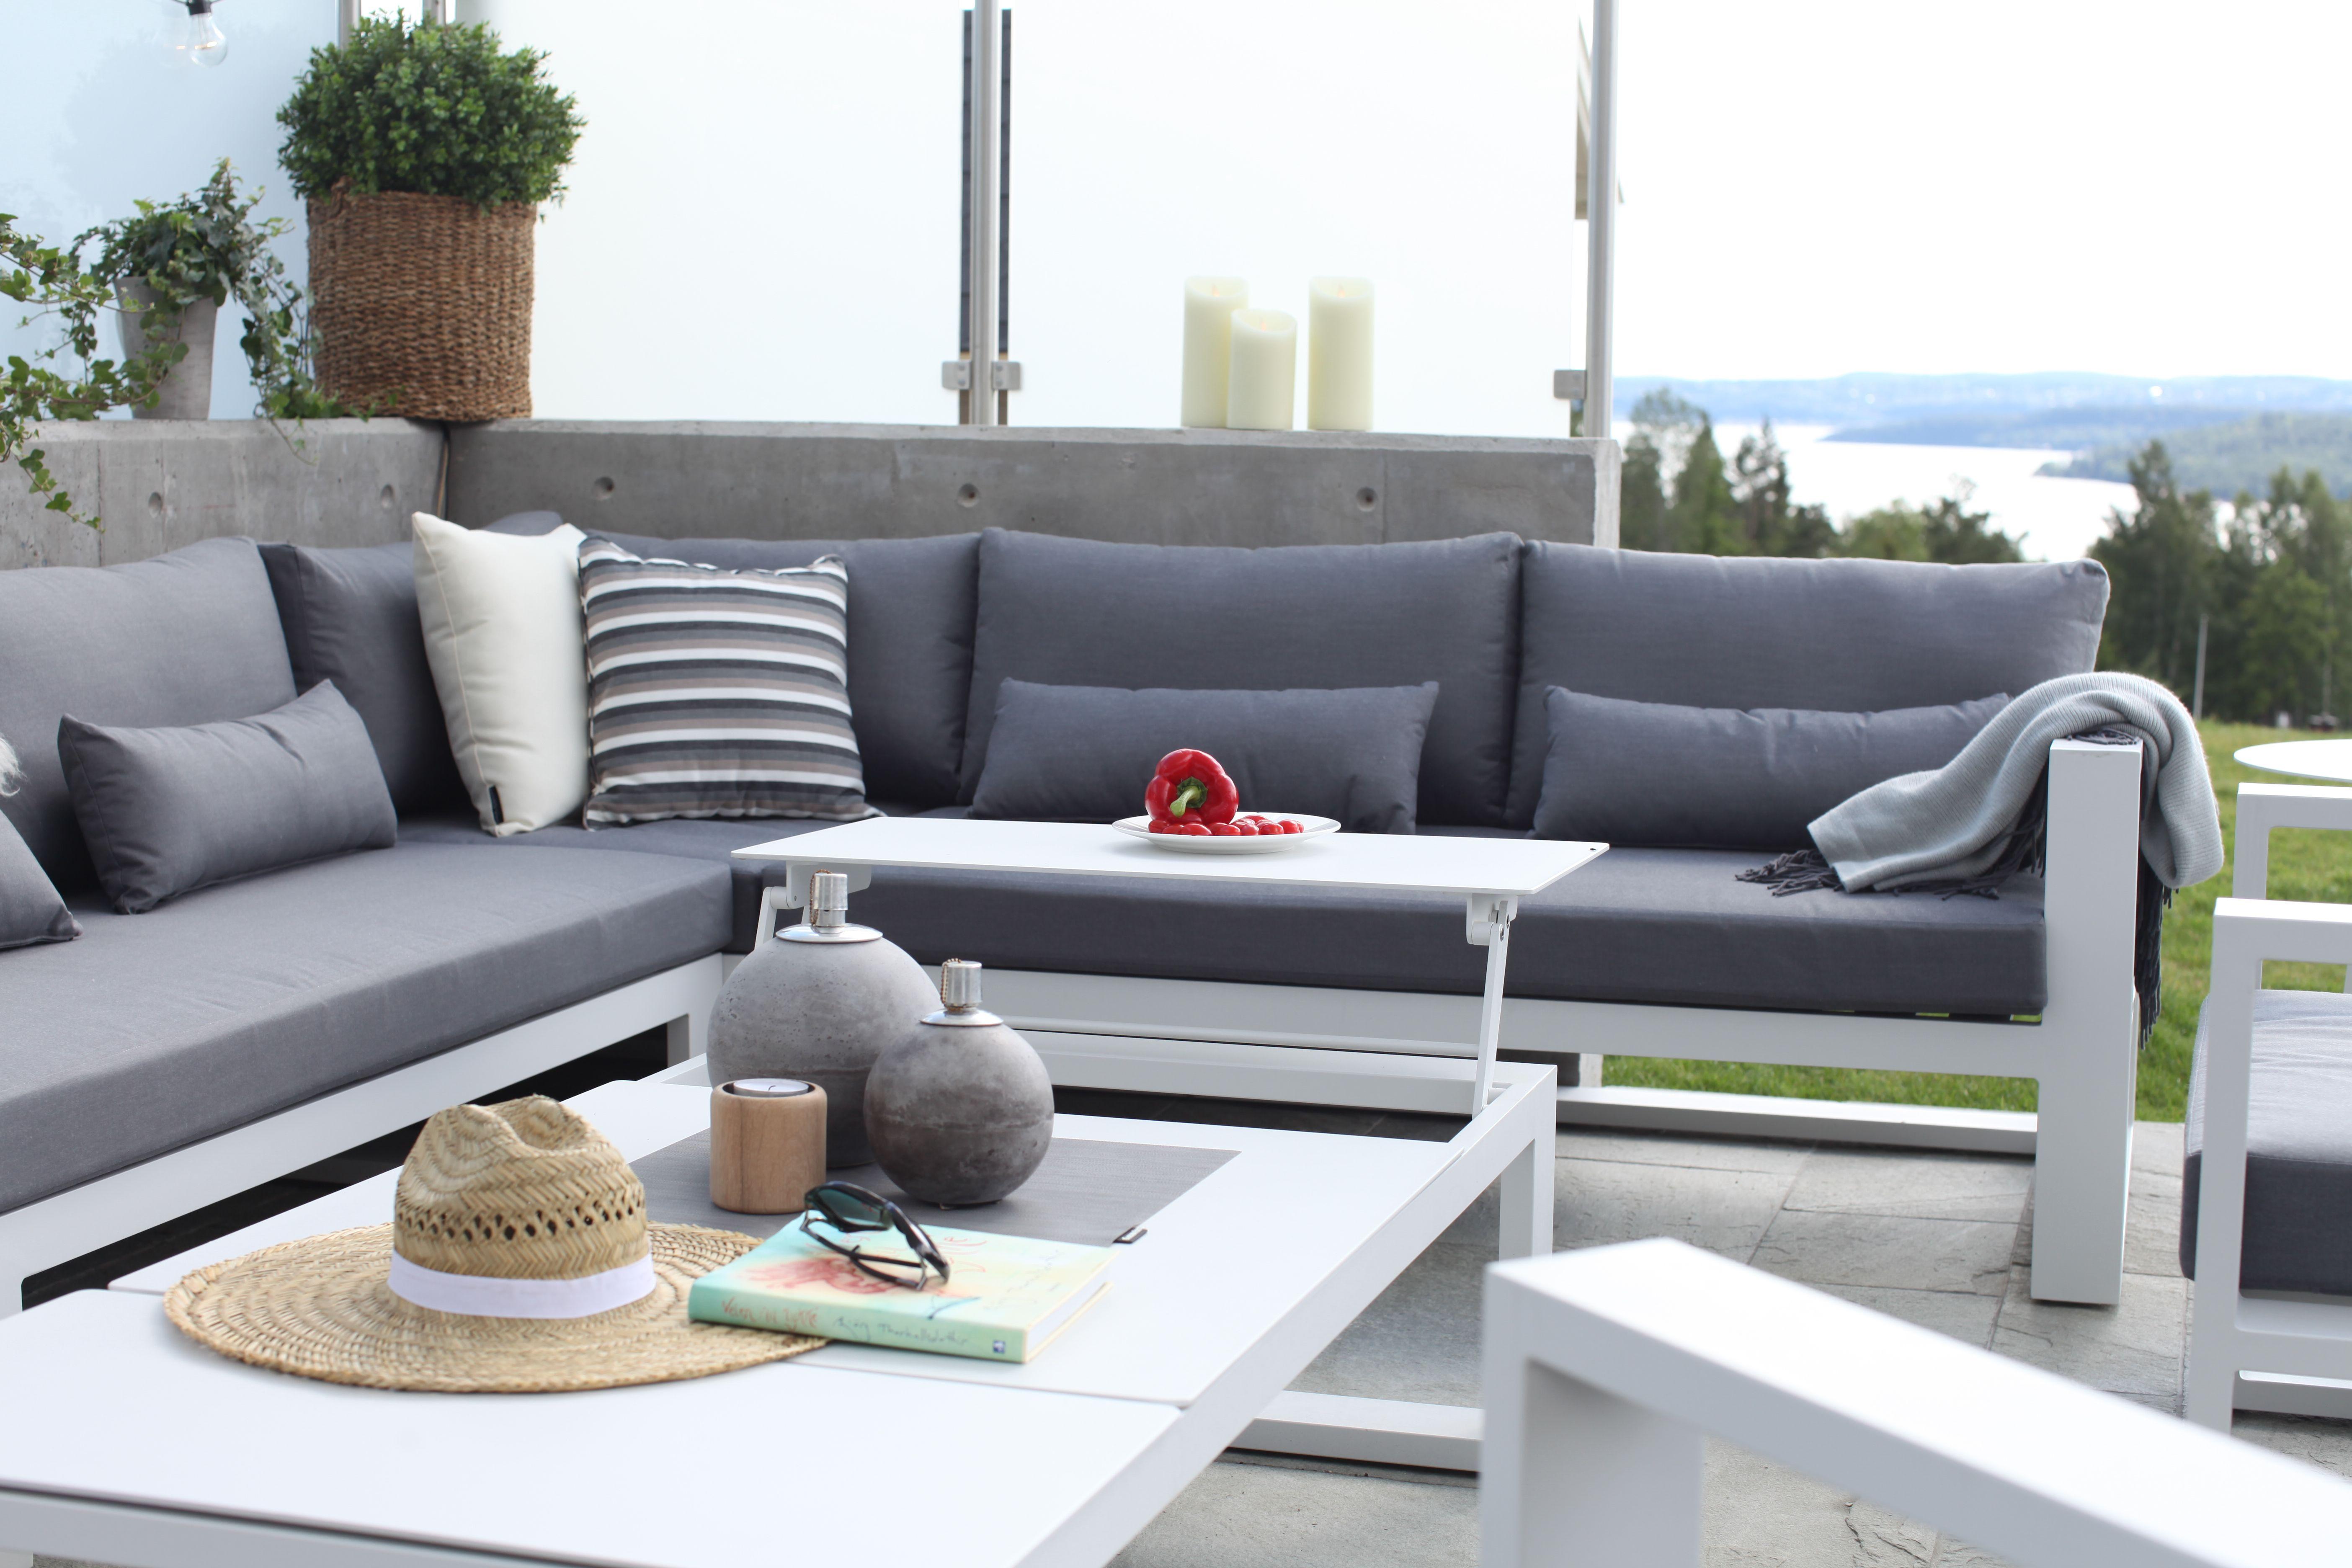 Topp Moderne hagemøbler 2018. Leveres også i sort aluminium. | Fine YD-31